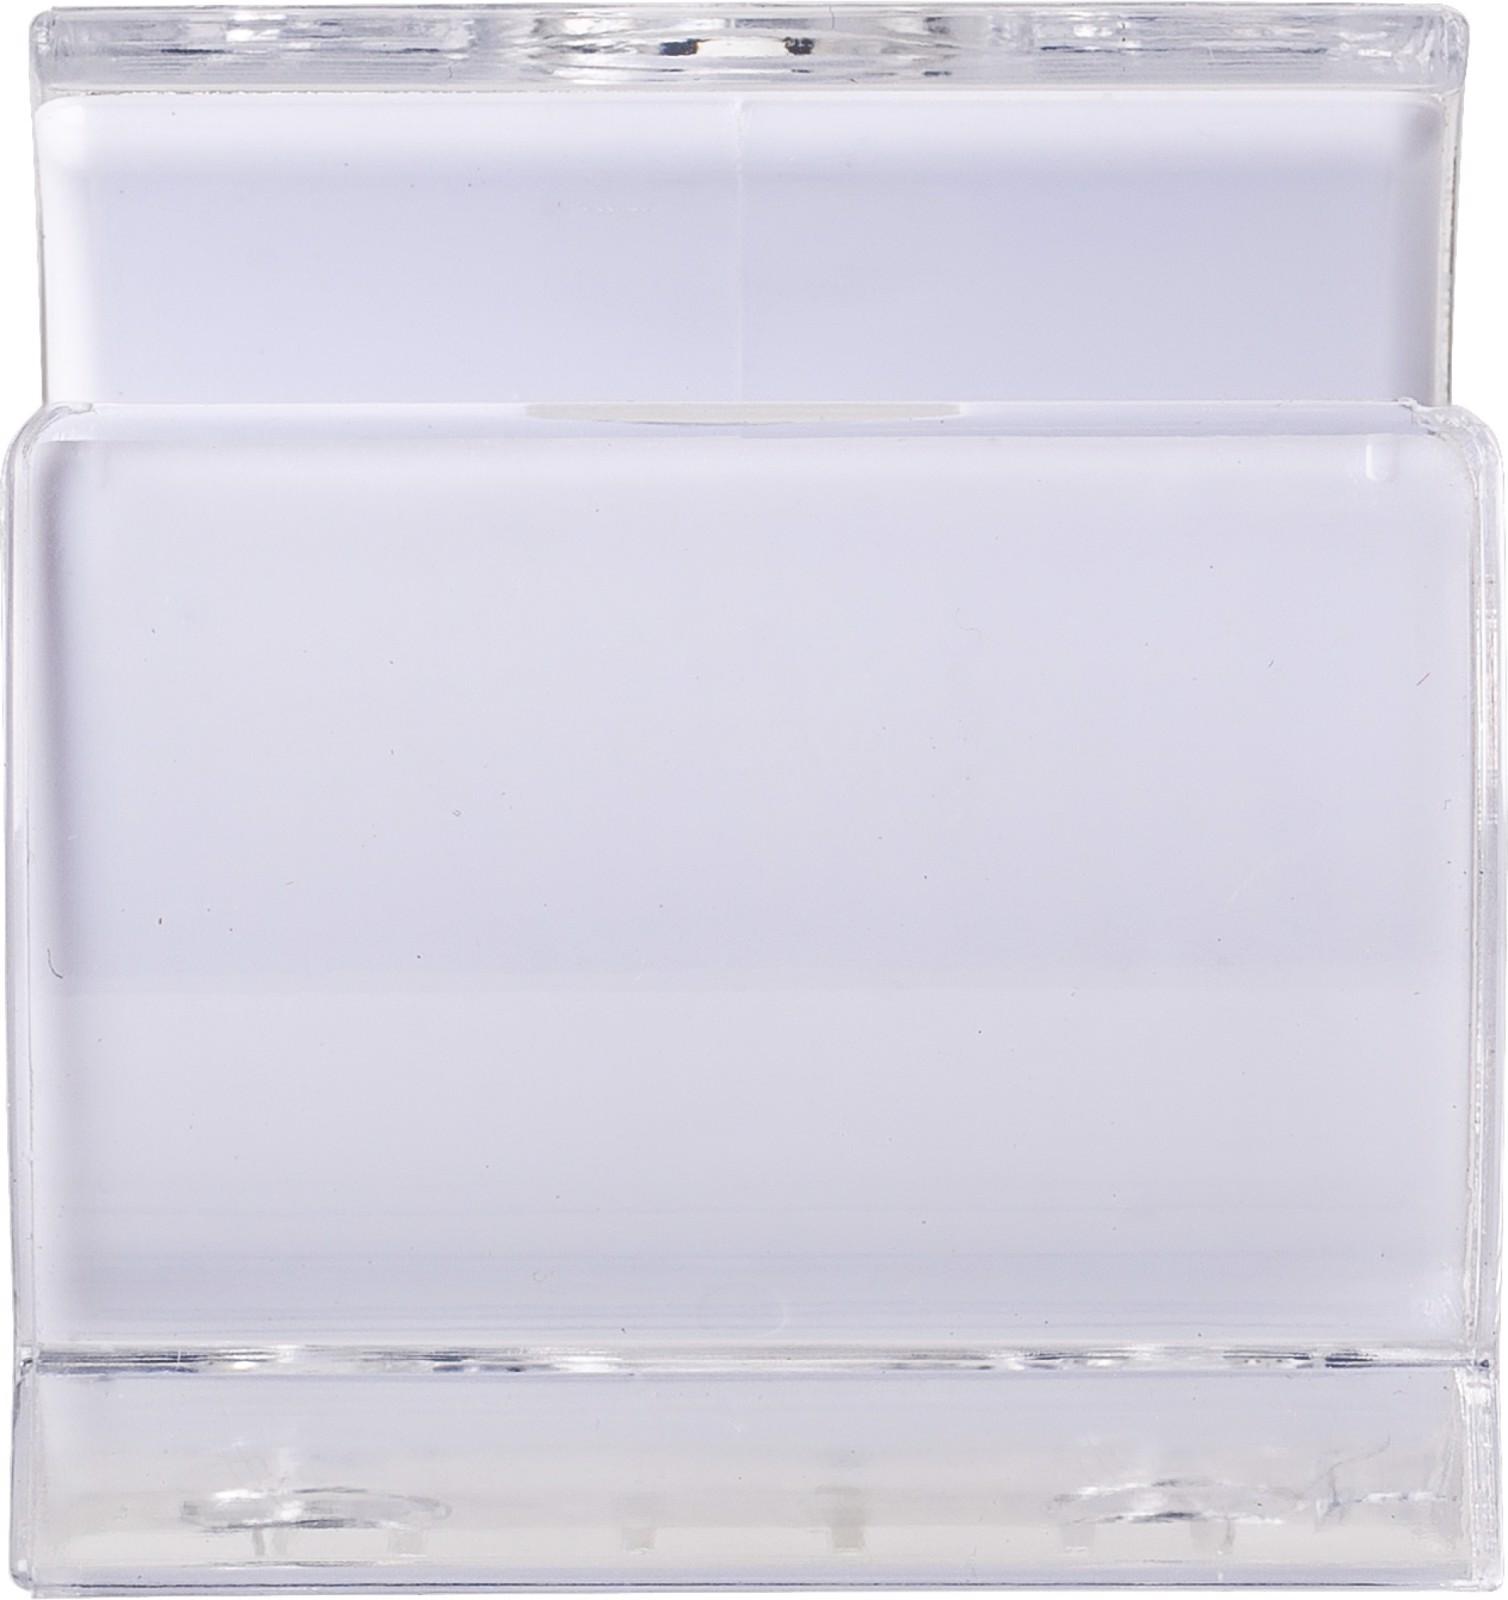 PS mobile phone holder - White